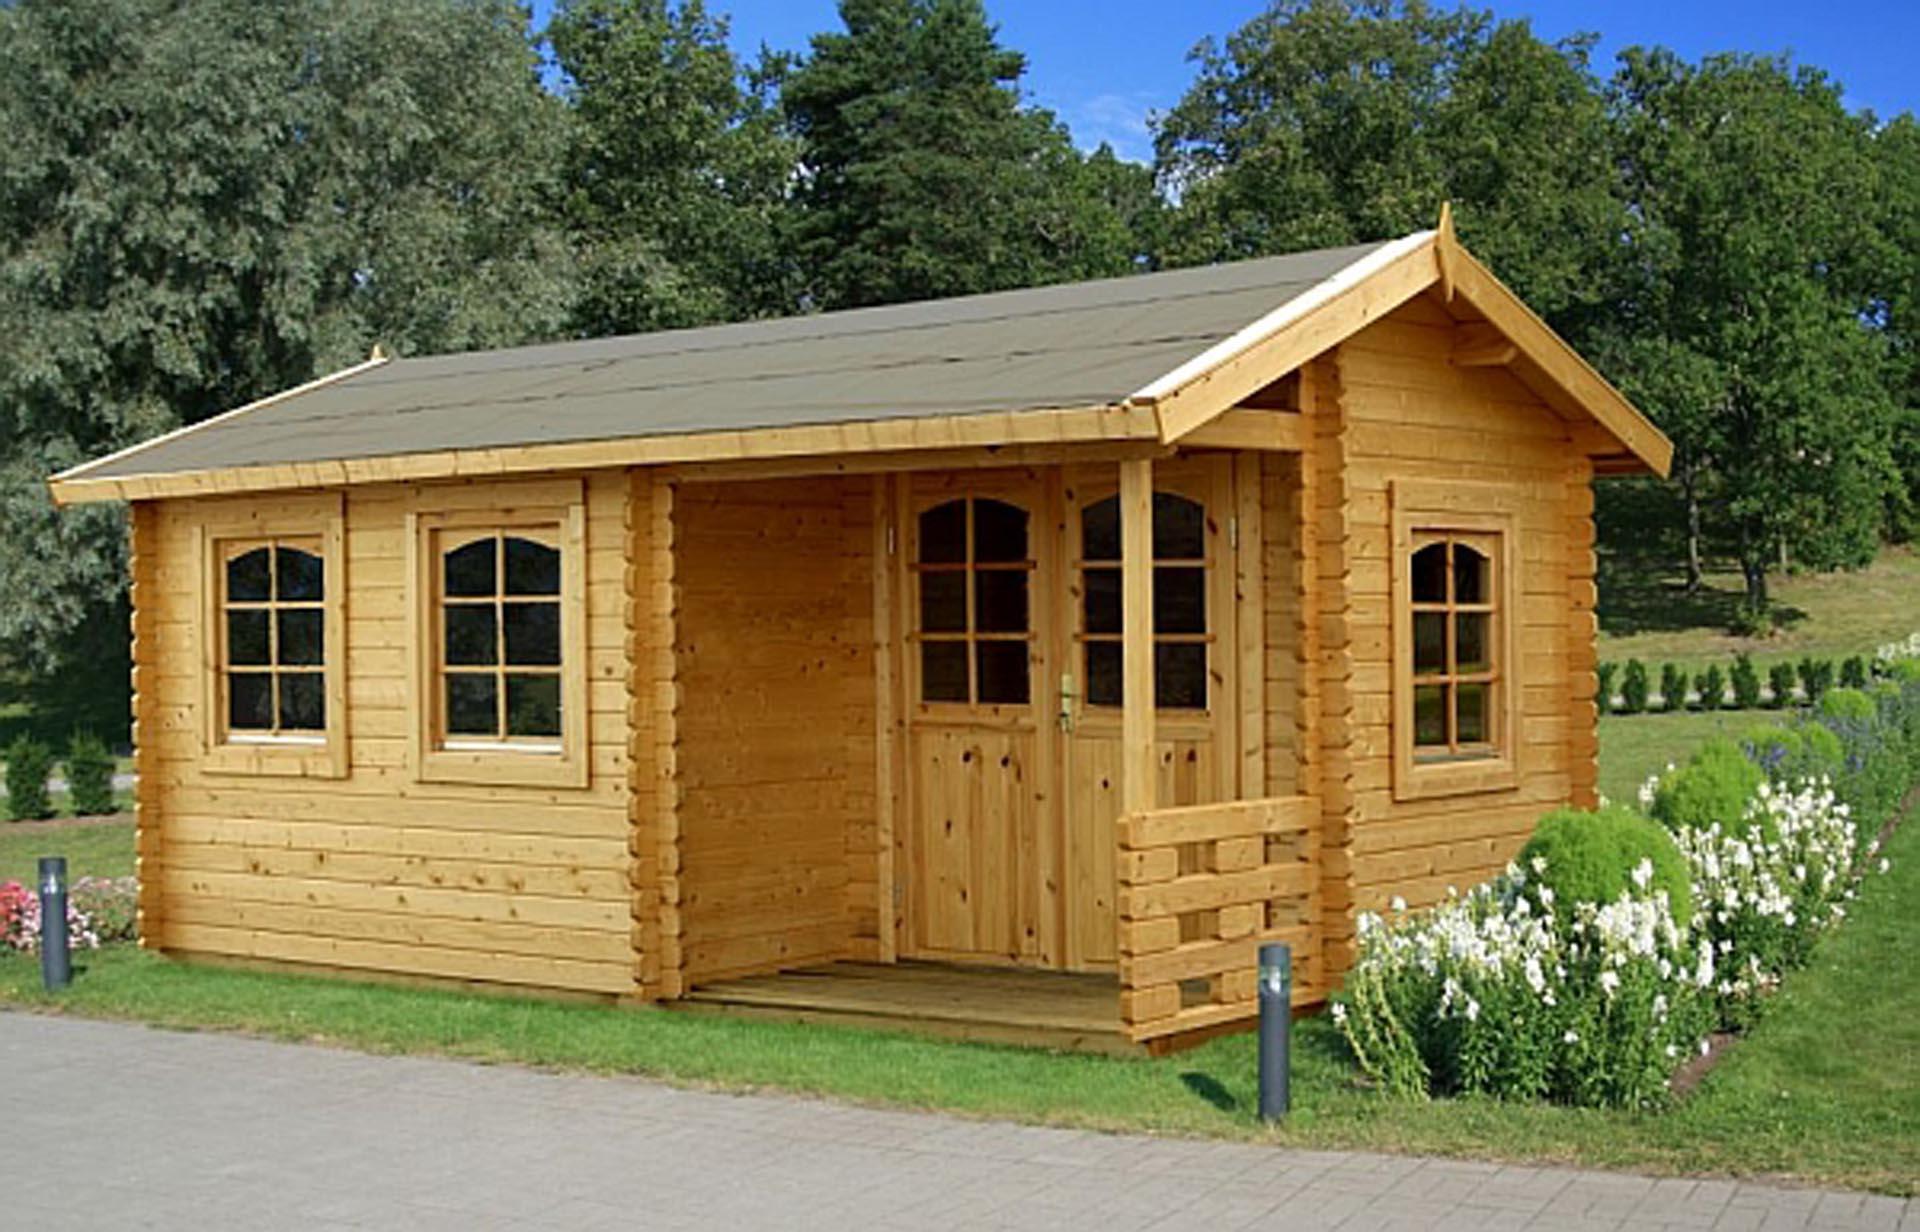 S lund susanne 12 4m2 et elegant hus til kolonihave du for Cabane jardin 4m2